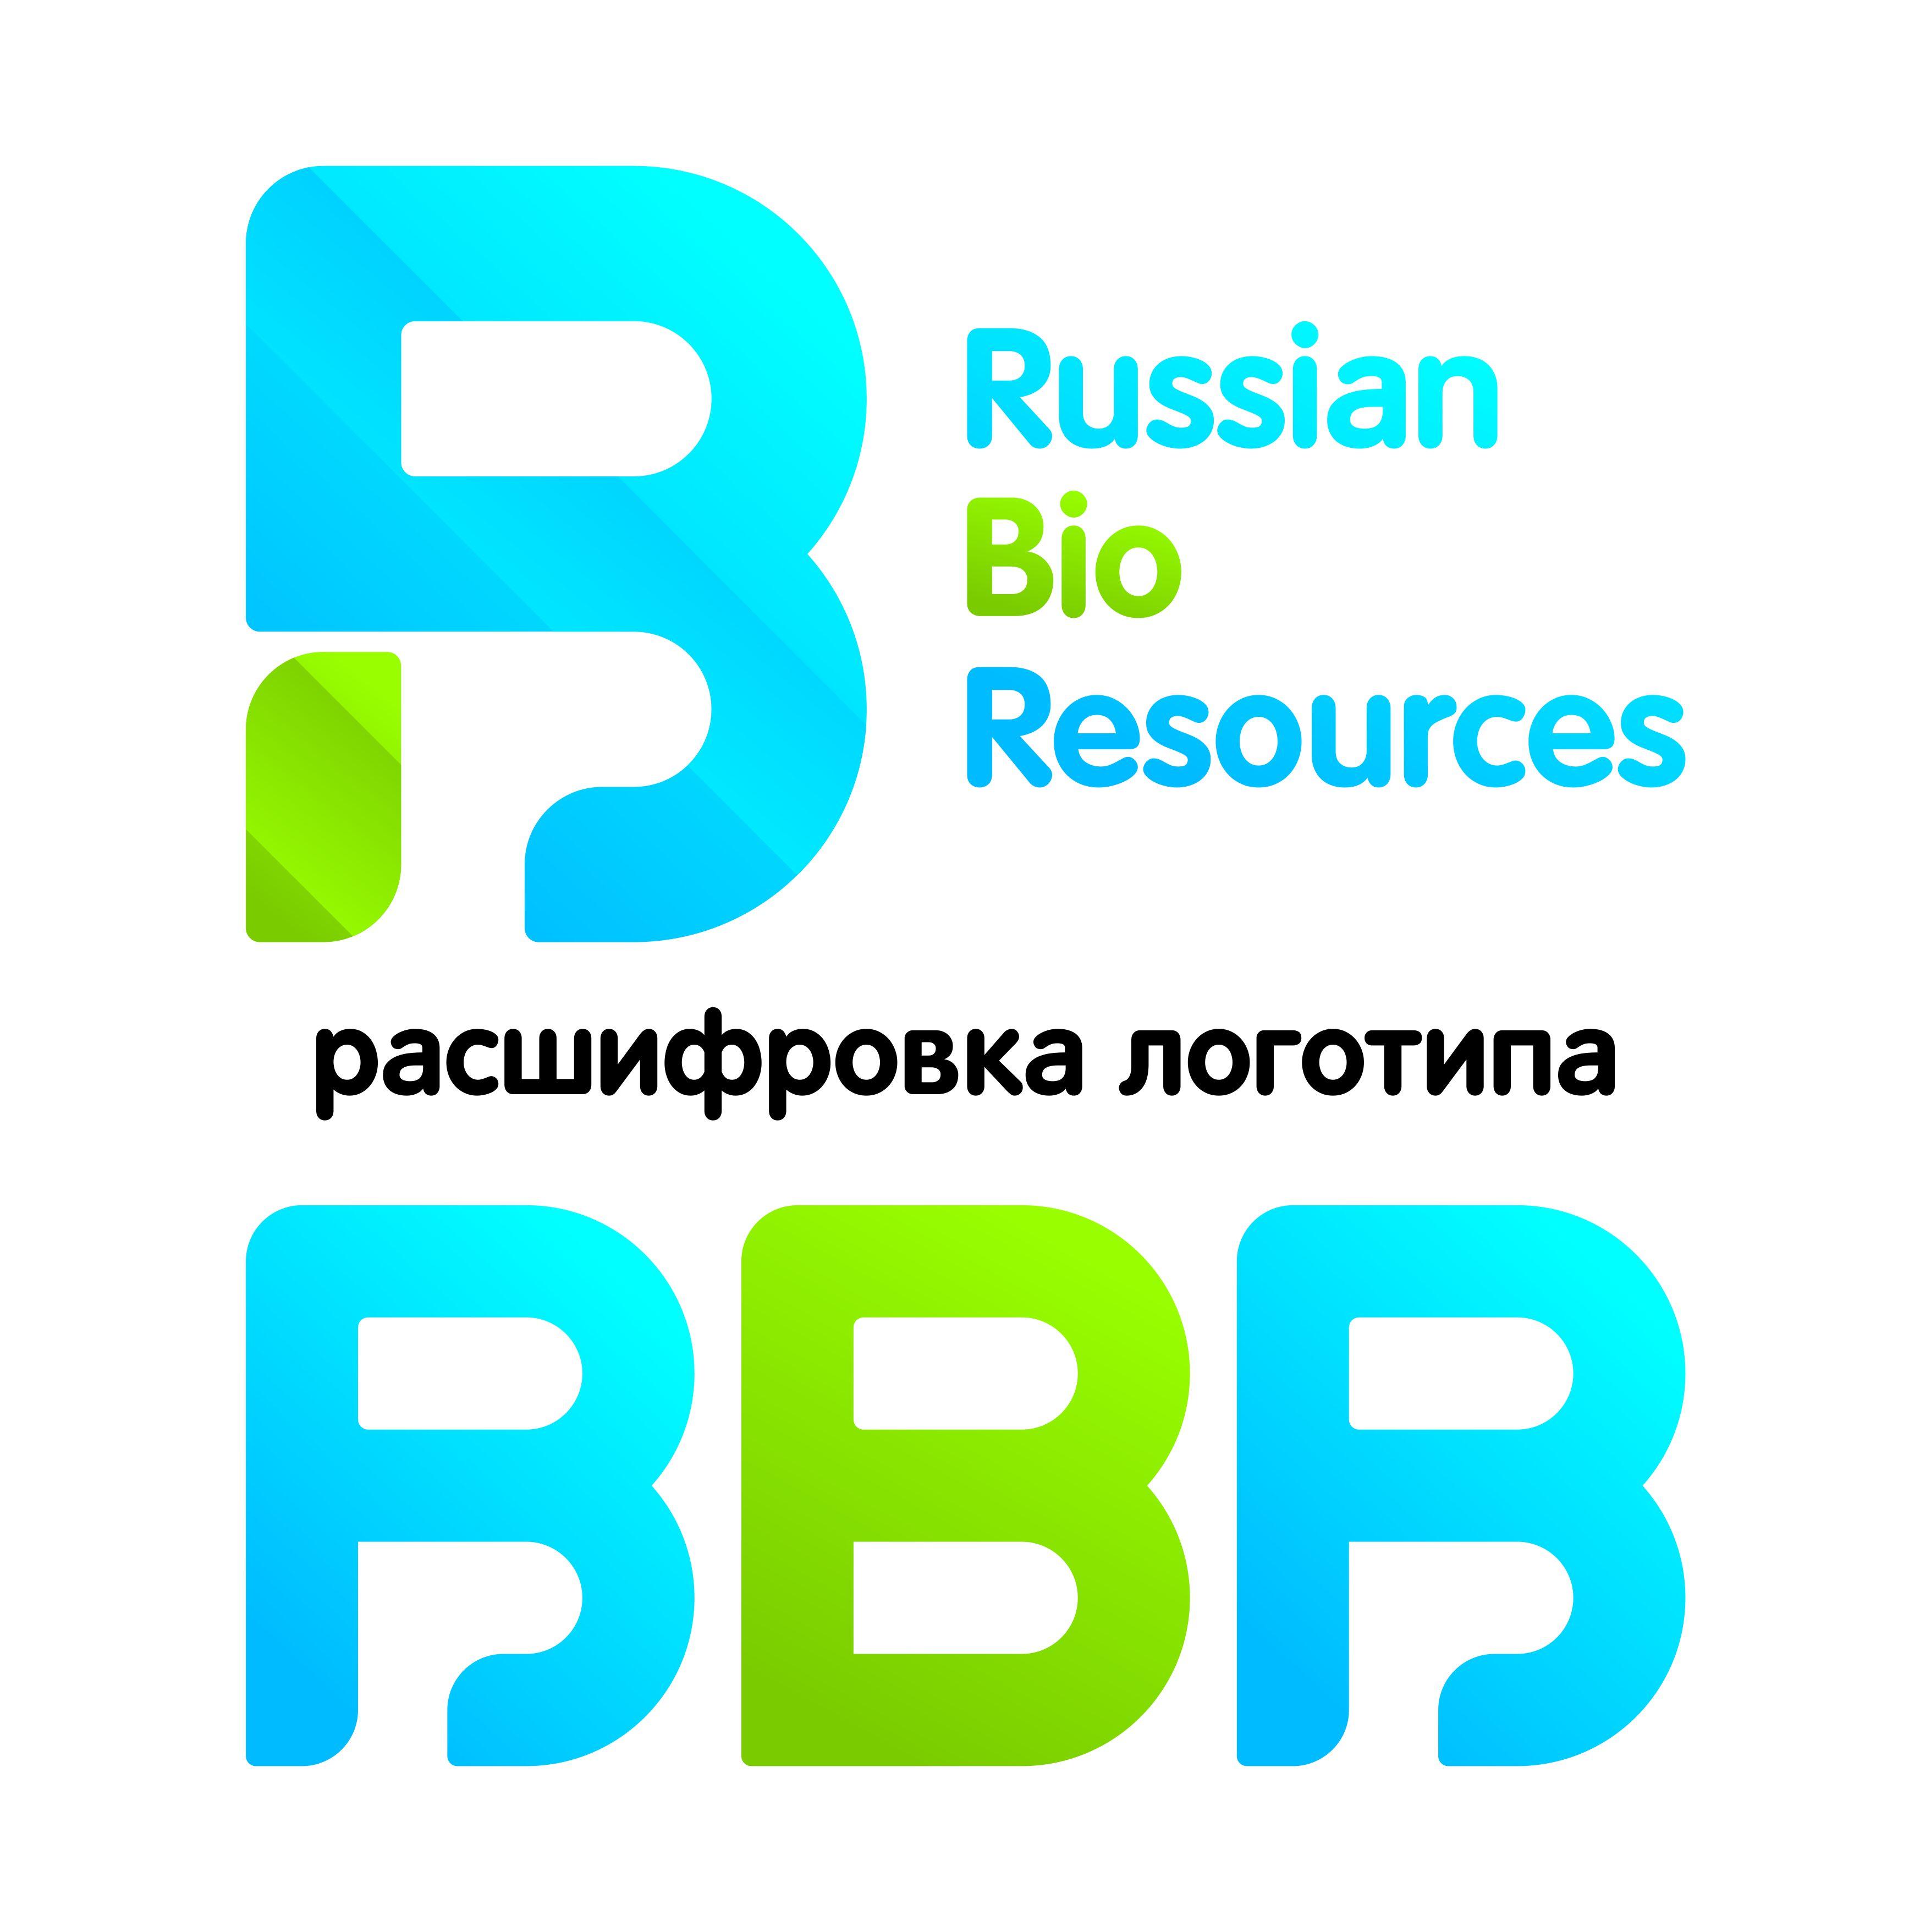 Разработка логотипа для компании «Русские Био Ресурсы» фото f_36658fceb5e55304.jpg